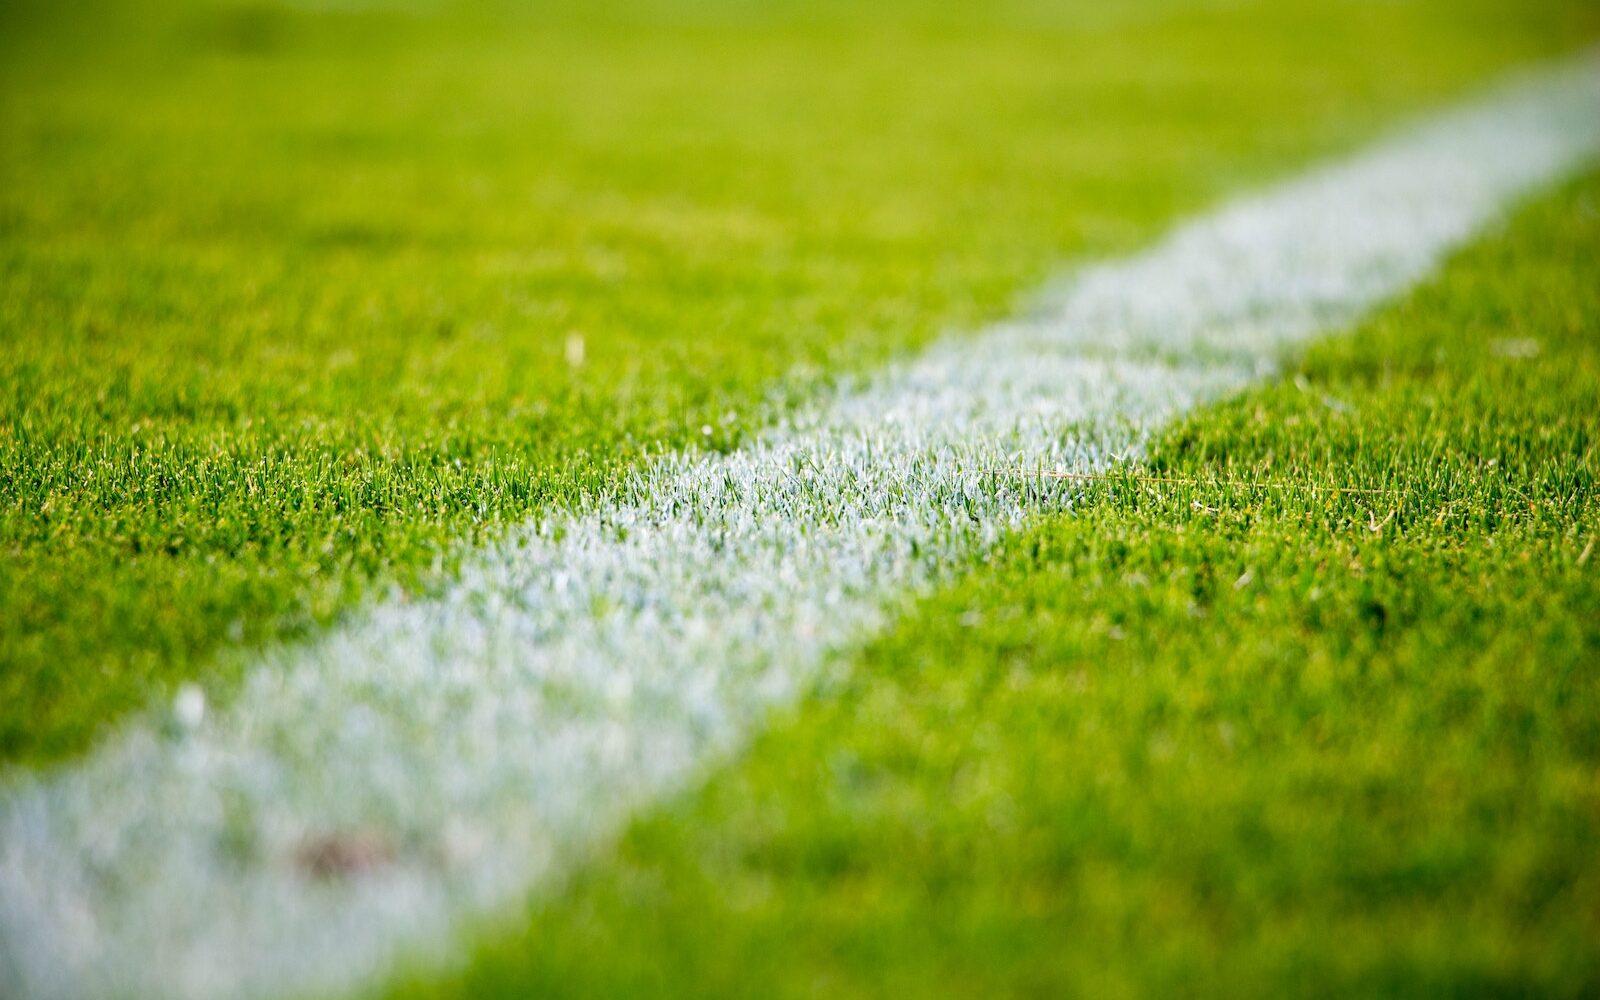 White line on soccer field